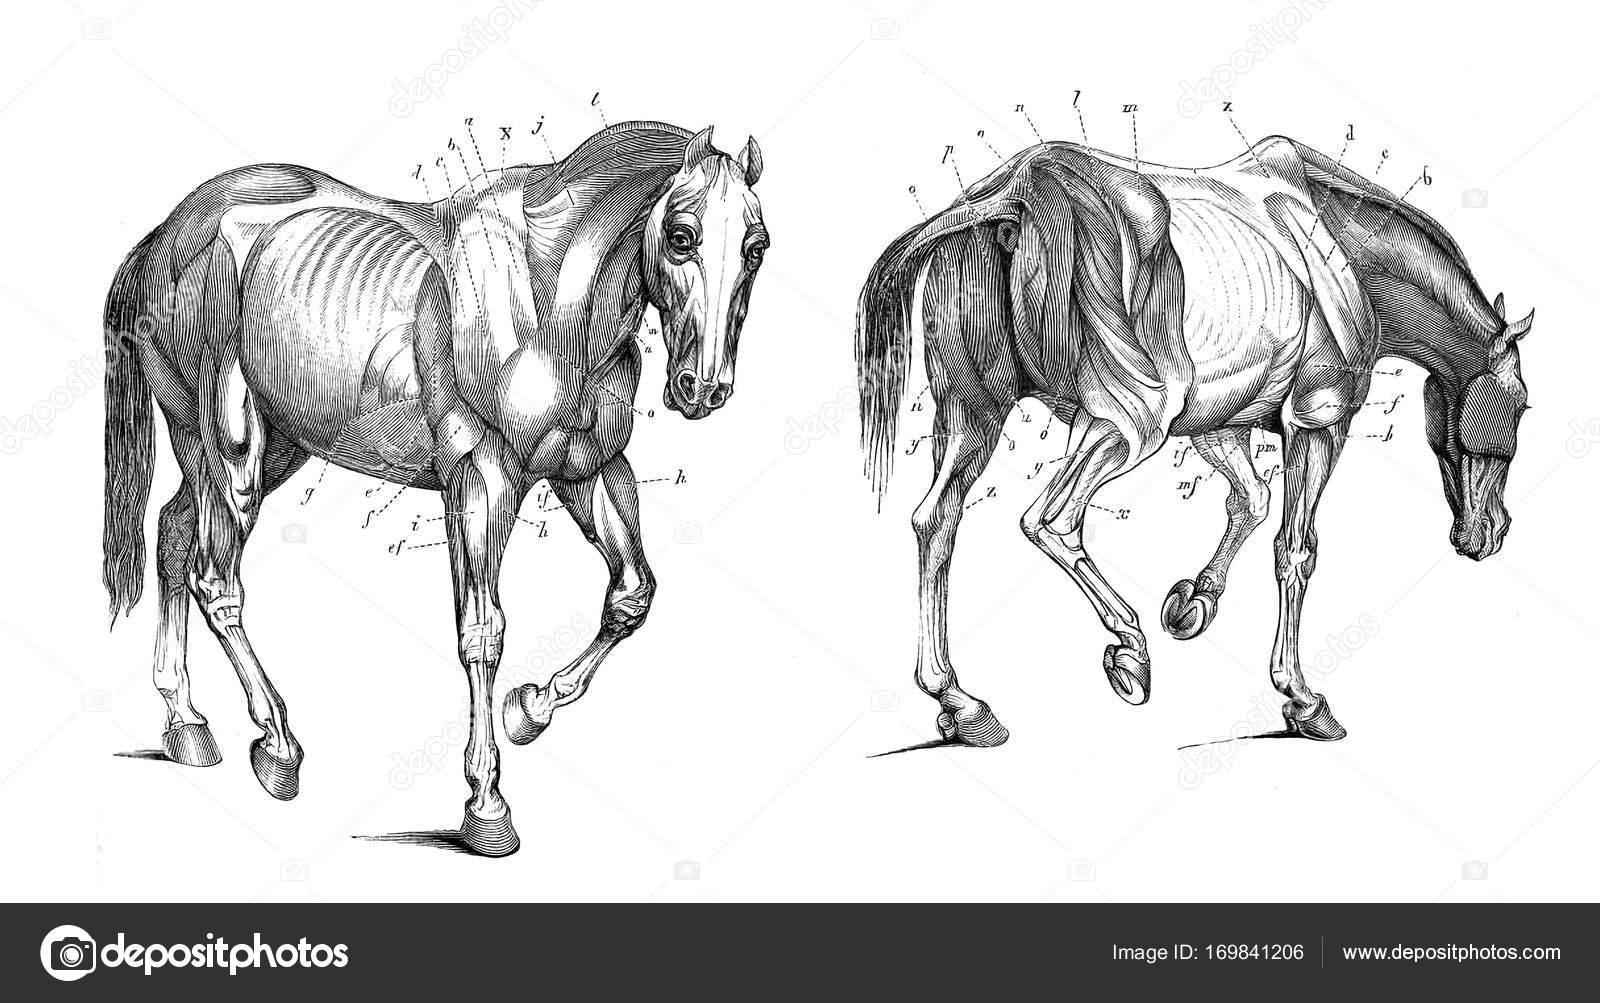 La anatomía del caballo — Foto de stock © ruskpp #169841206